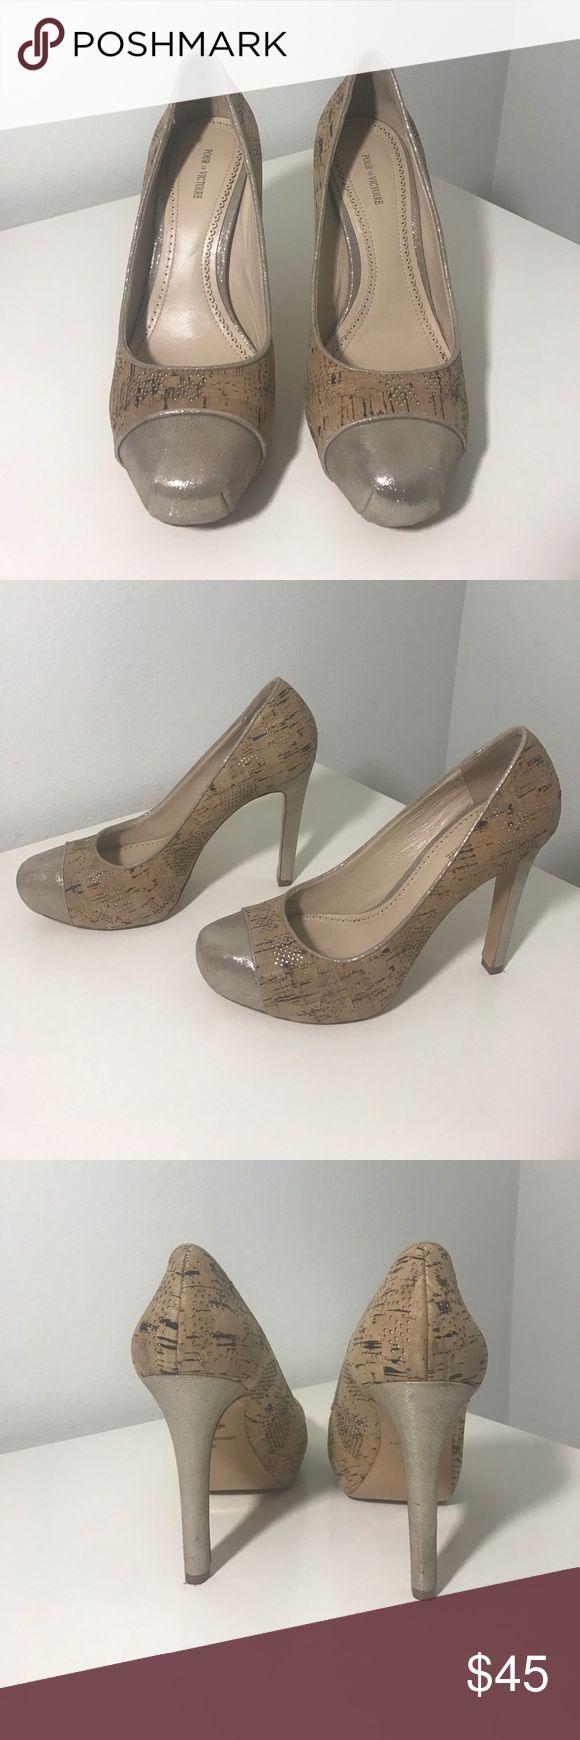 Pour La Victoire cork metallic heels Size 9. Normal wear and tear. Price firm unless bundled 1049. Pour La Victoire Shoes Heels